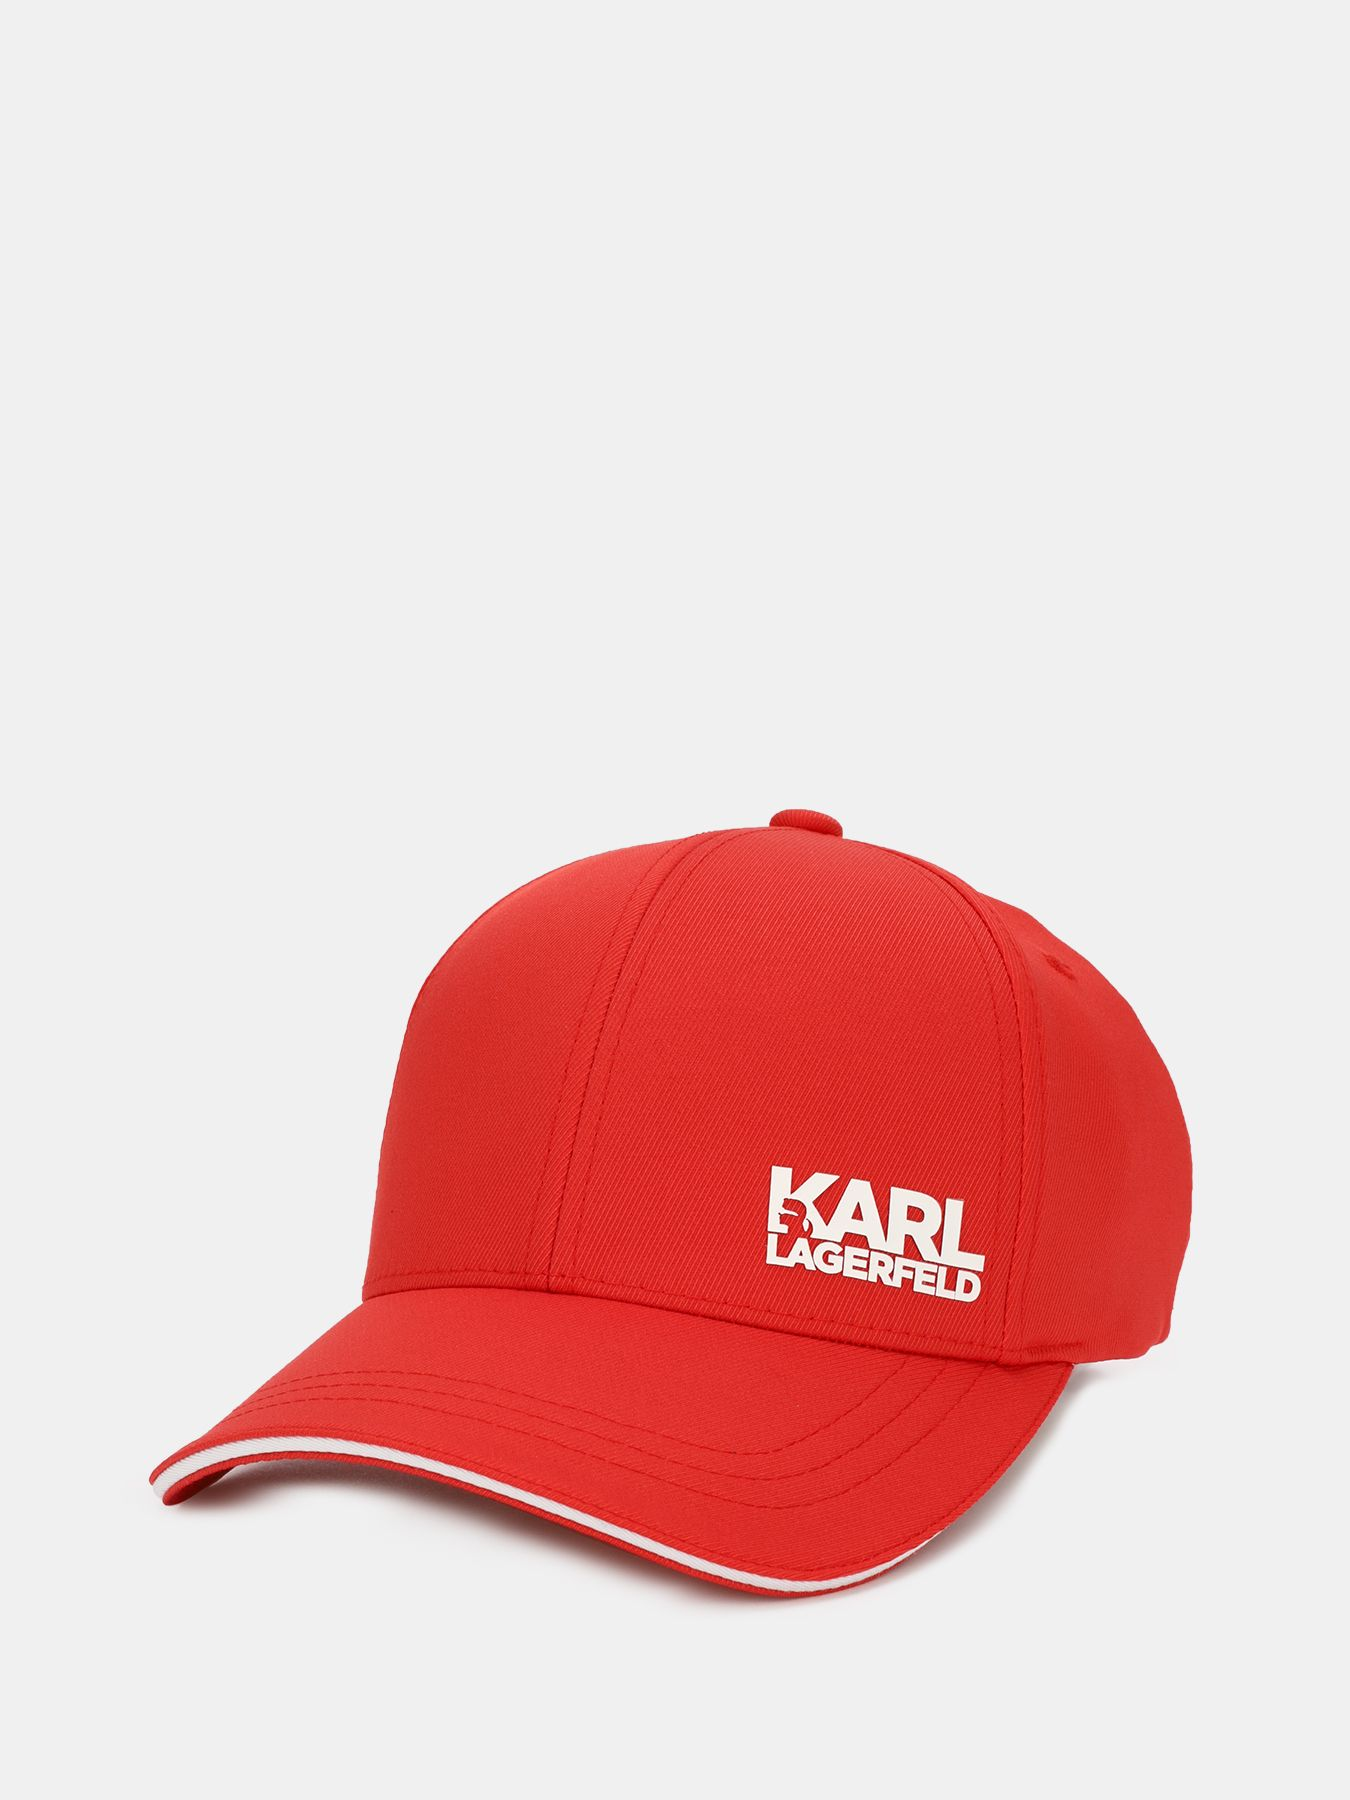 Бейсболки Karl Lagerfeld Бейсболка